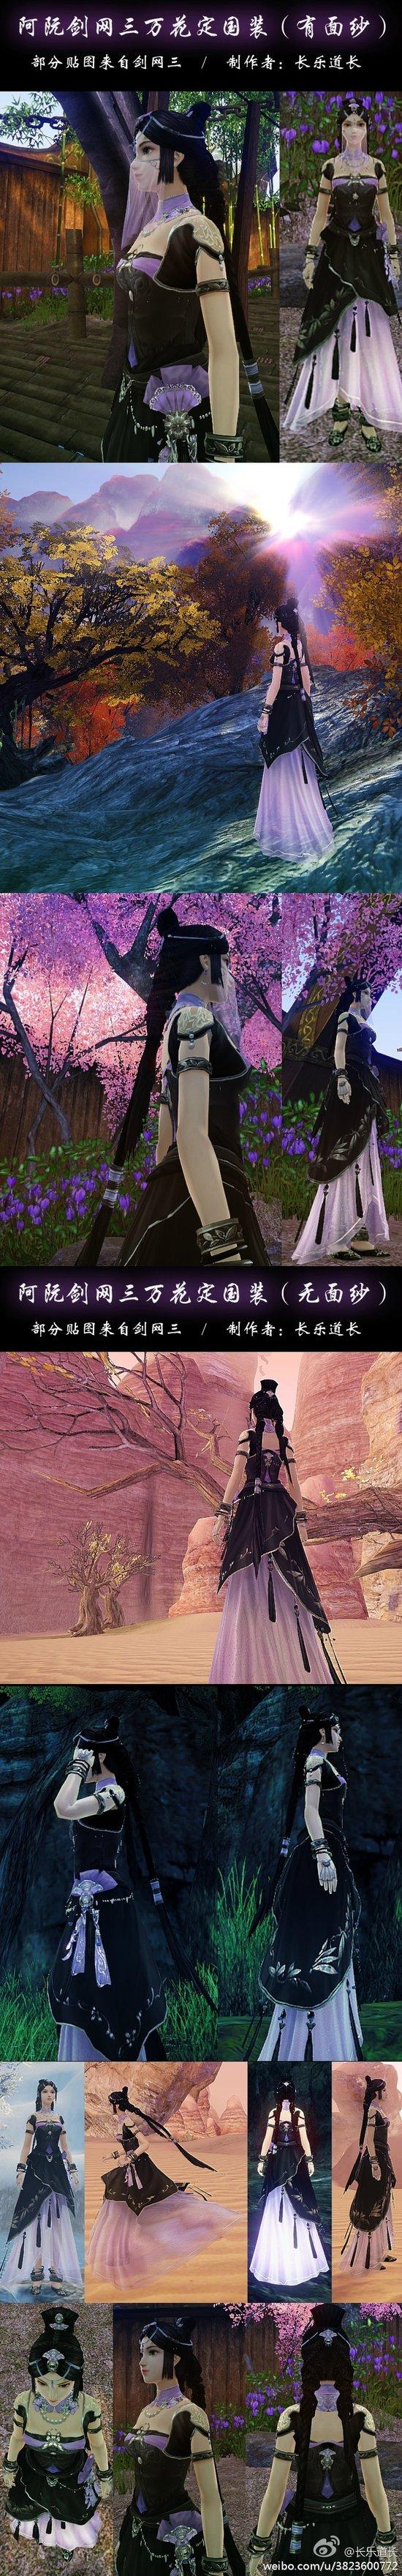 《古剑奇谭2》MOD  阿阮剑三外装万花装